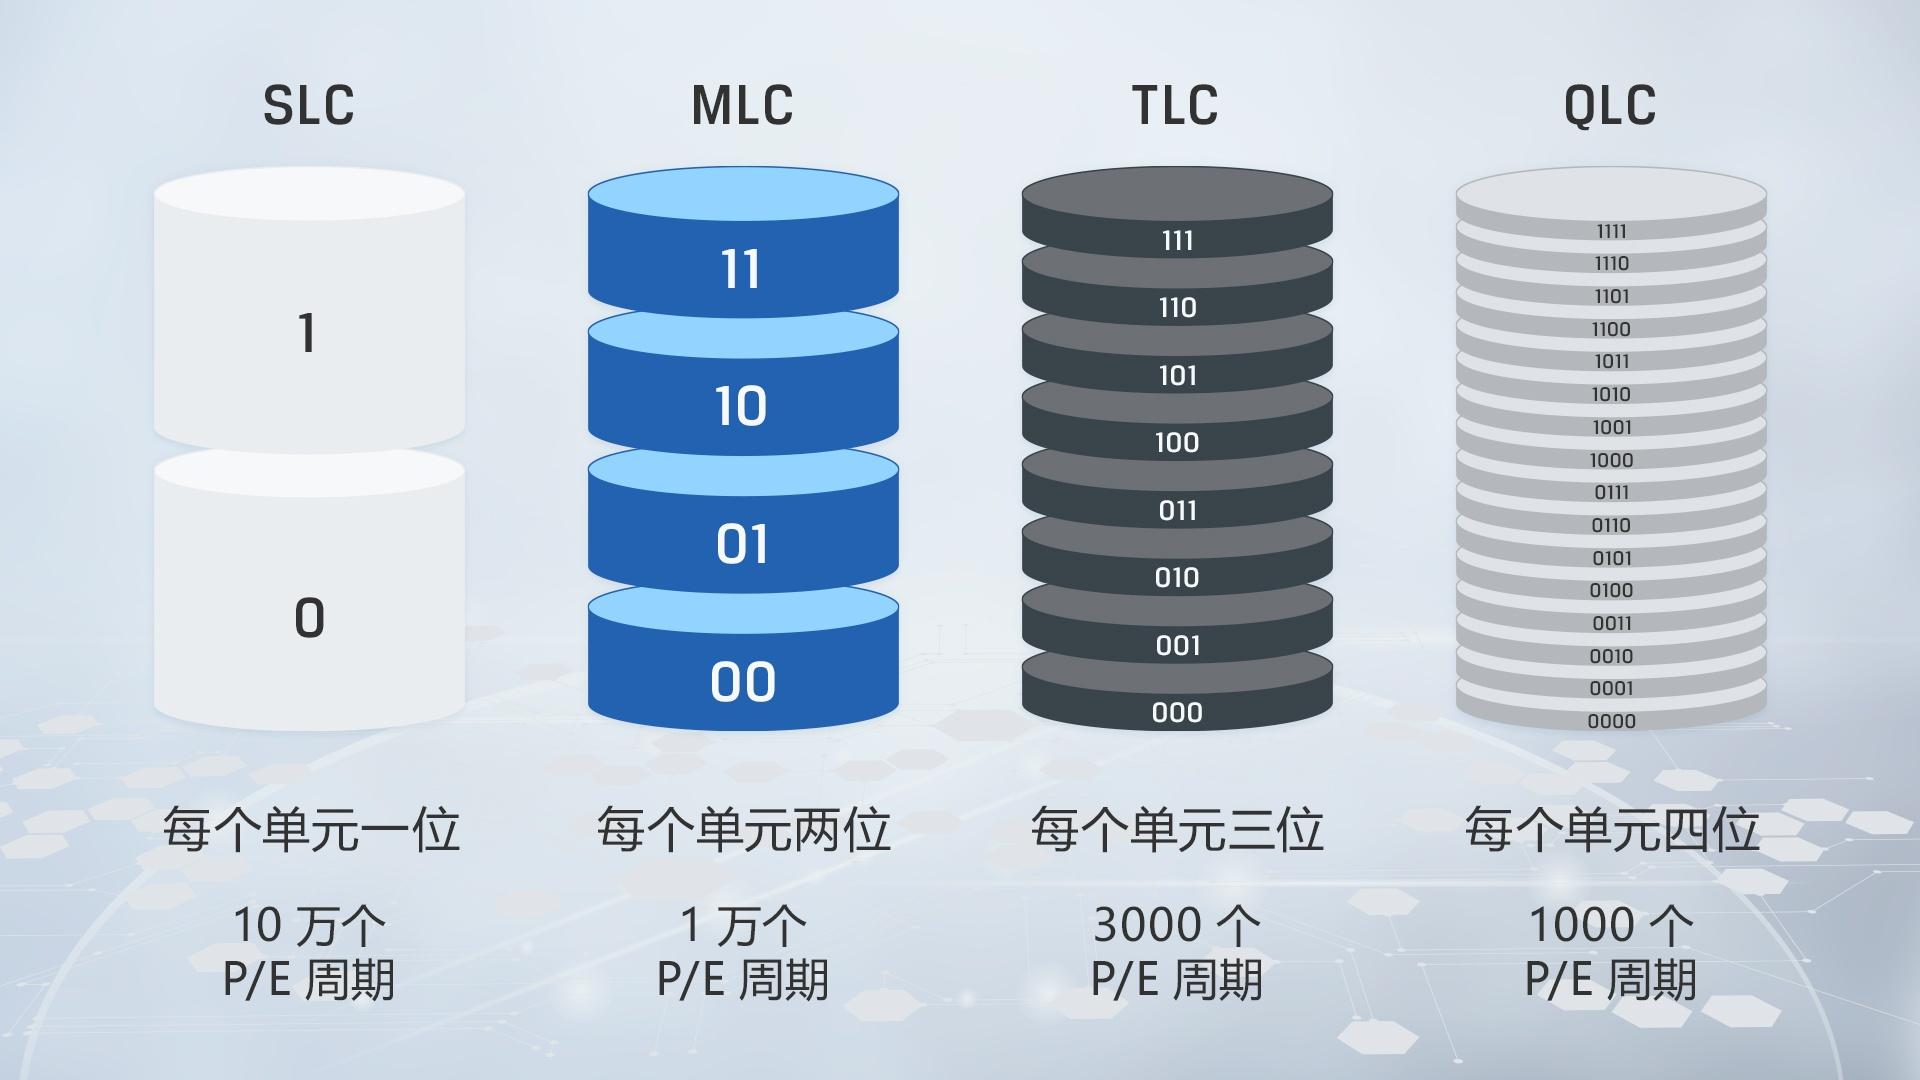 一张信息图显示了不同 NAND 类型之间的主要区别